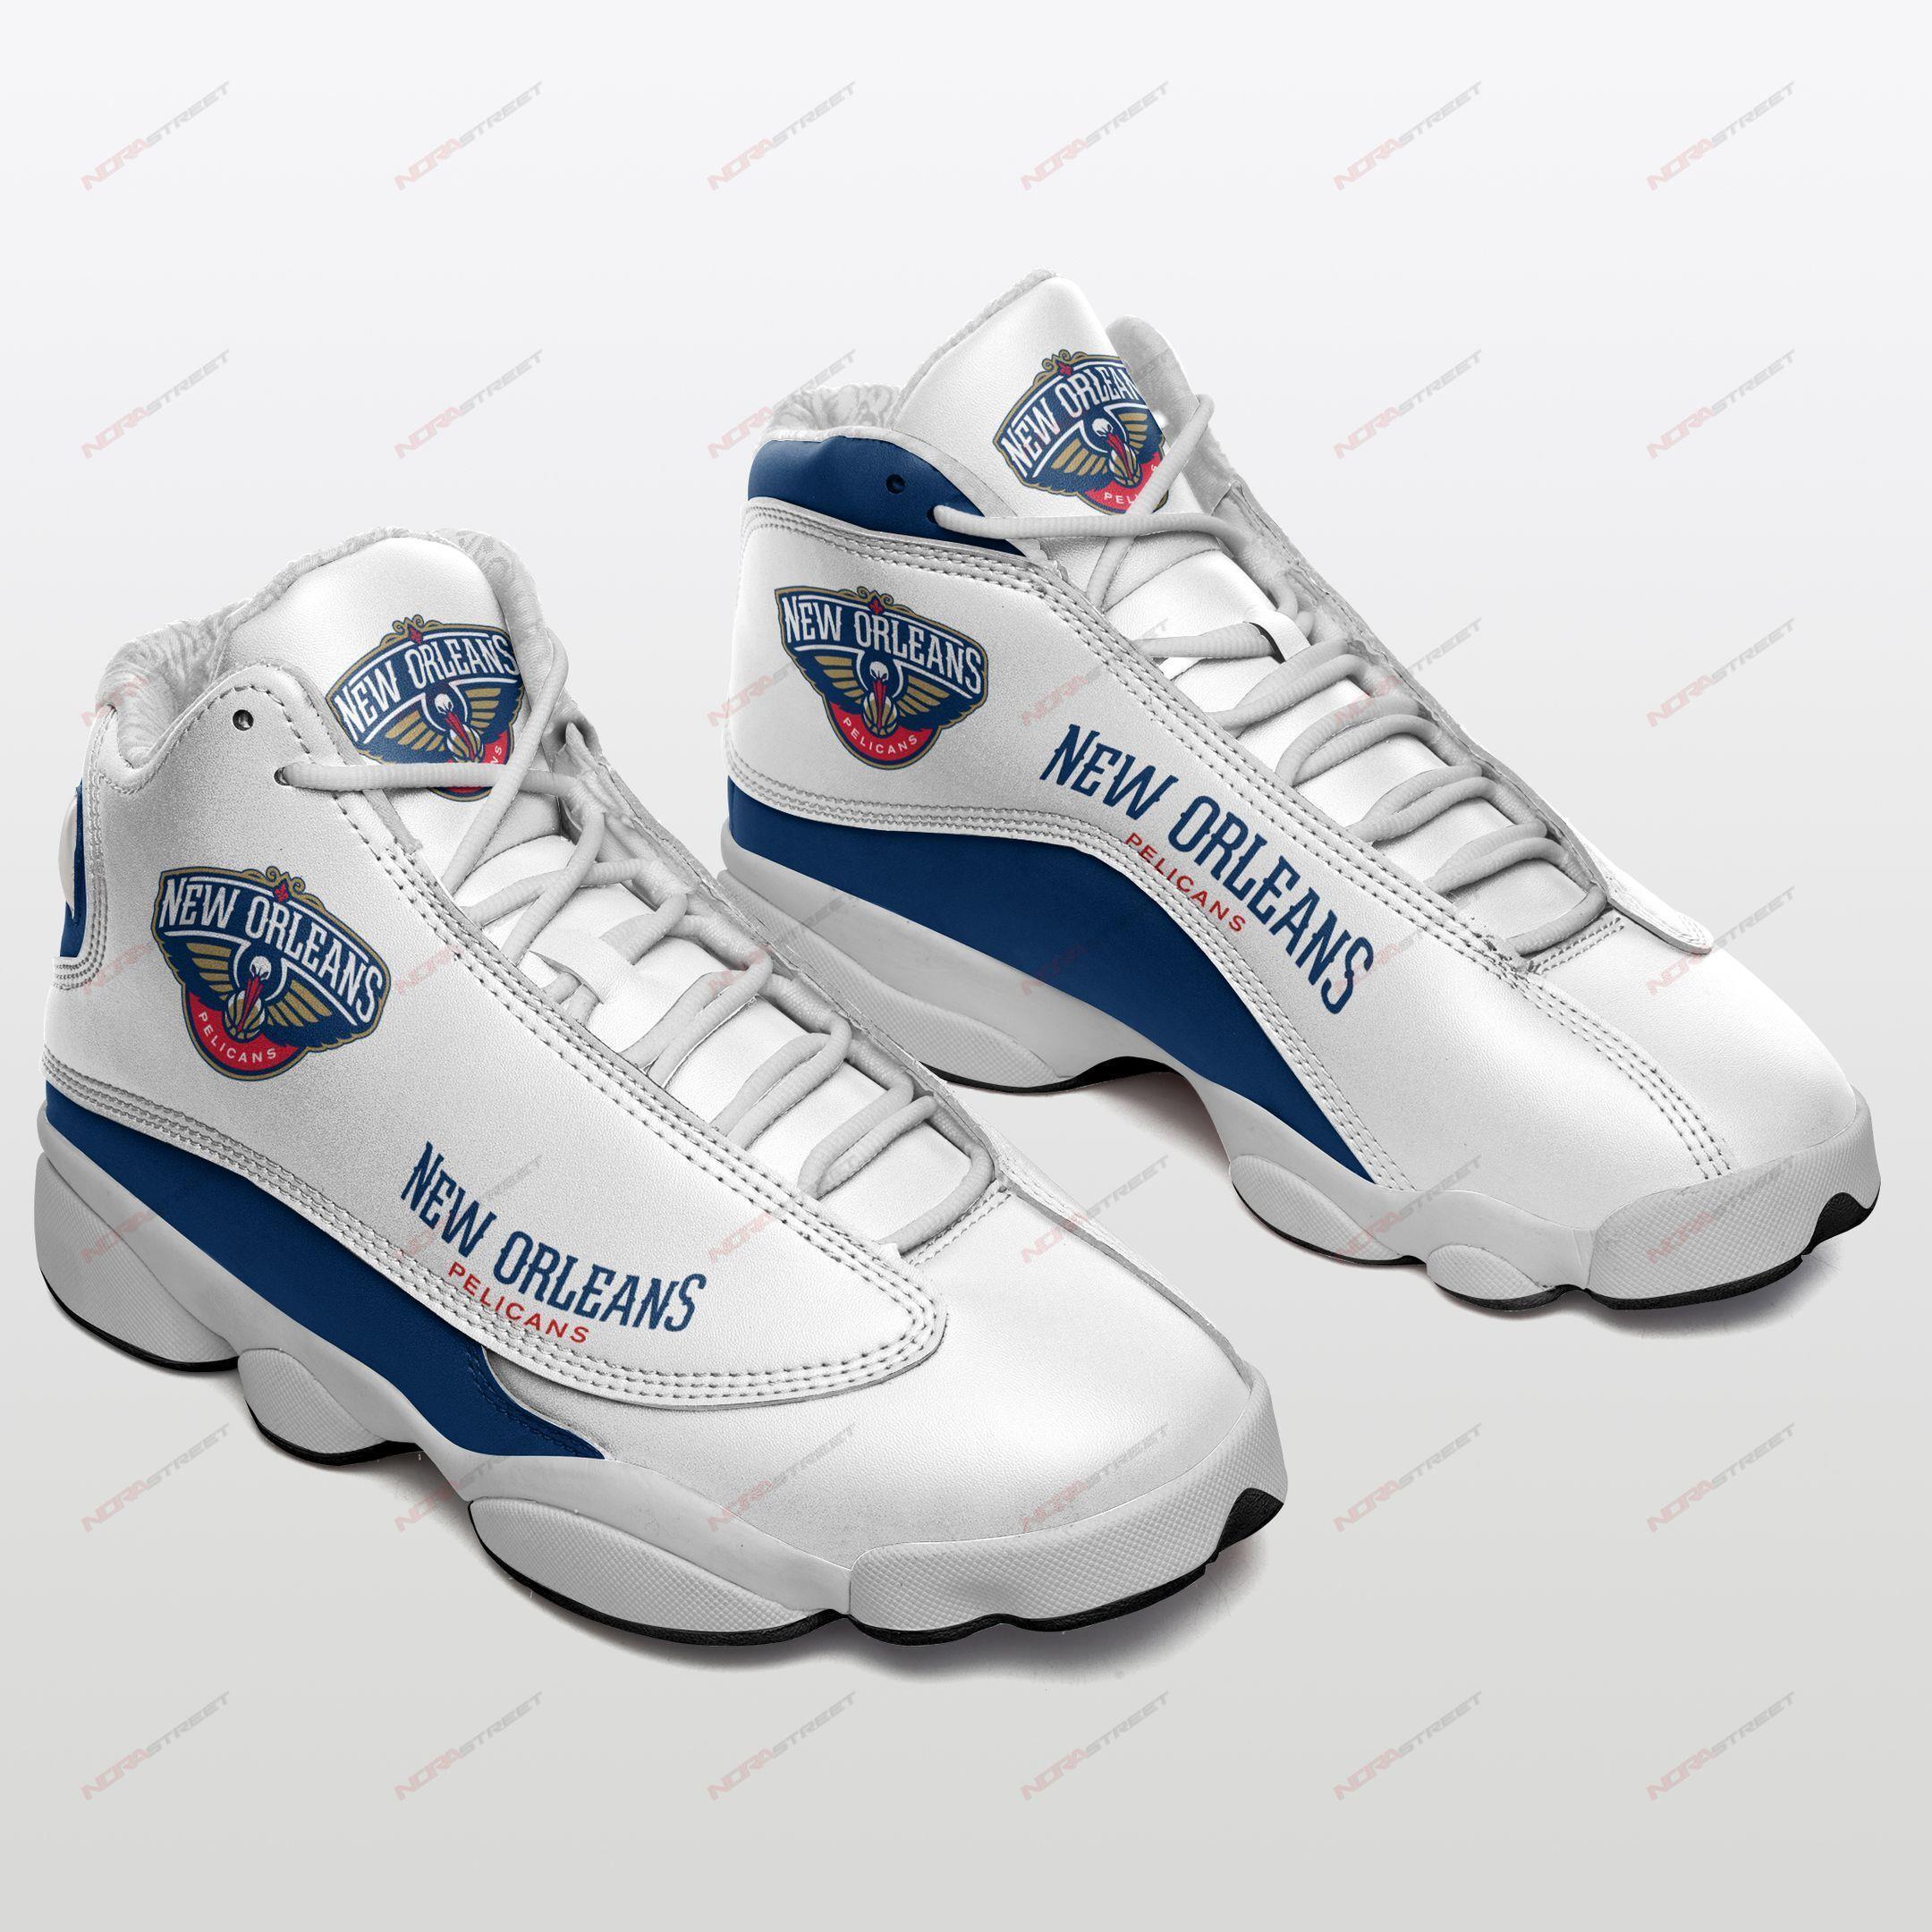 New Orleans Pelicans Air Jordan 13 Sneakers Sport Shoes Plus Size